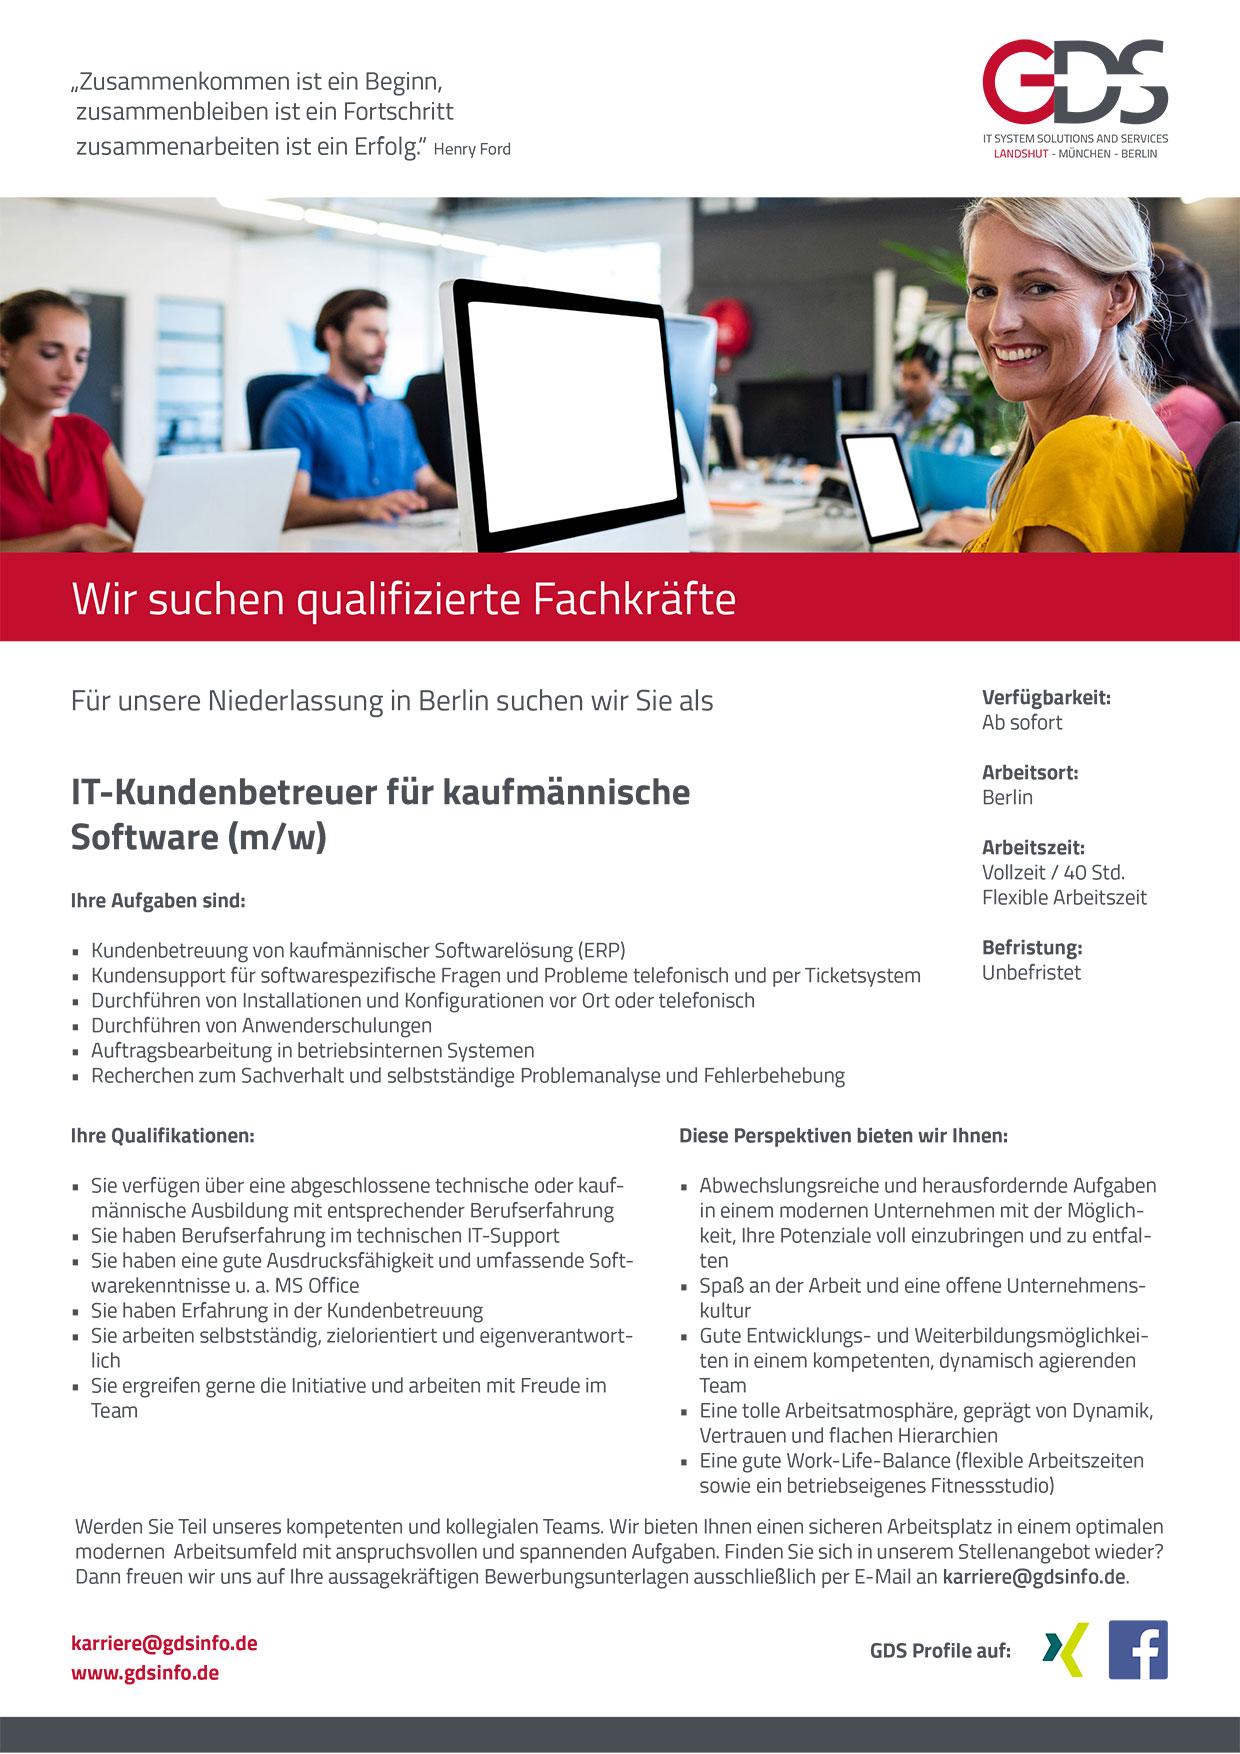 IT-Kundenbetreuer für kaufmännische Software (m/w) (Berlin)